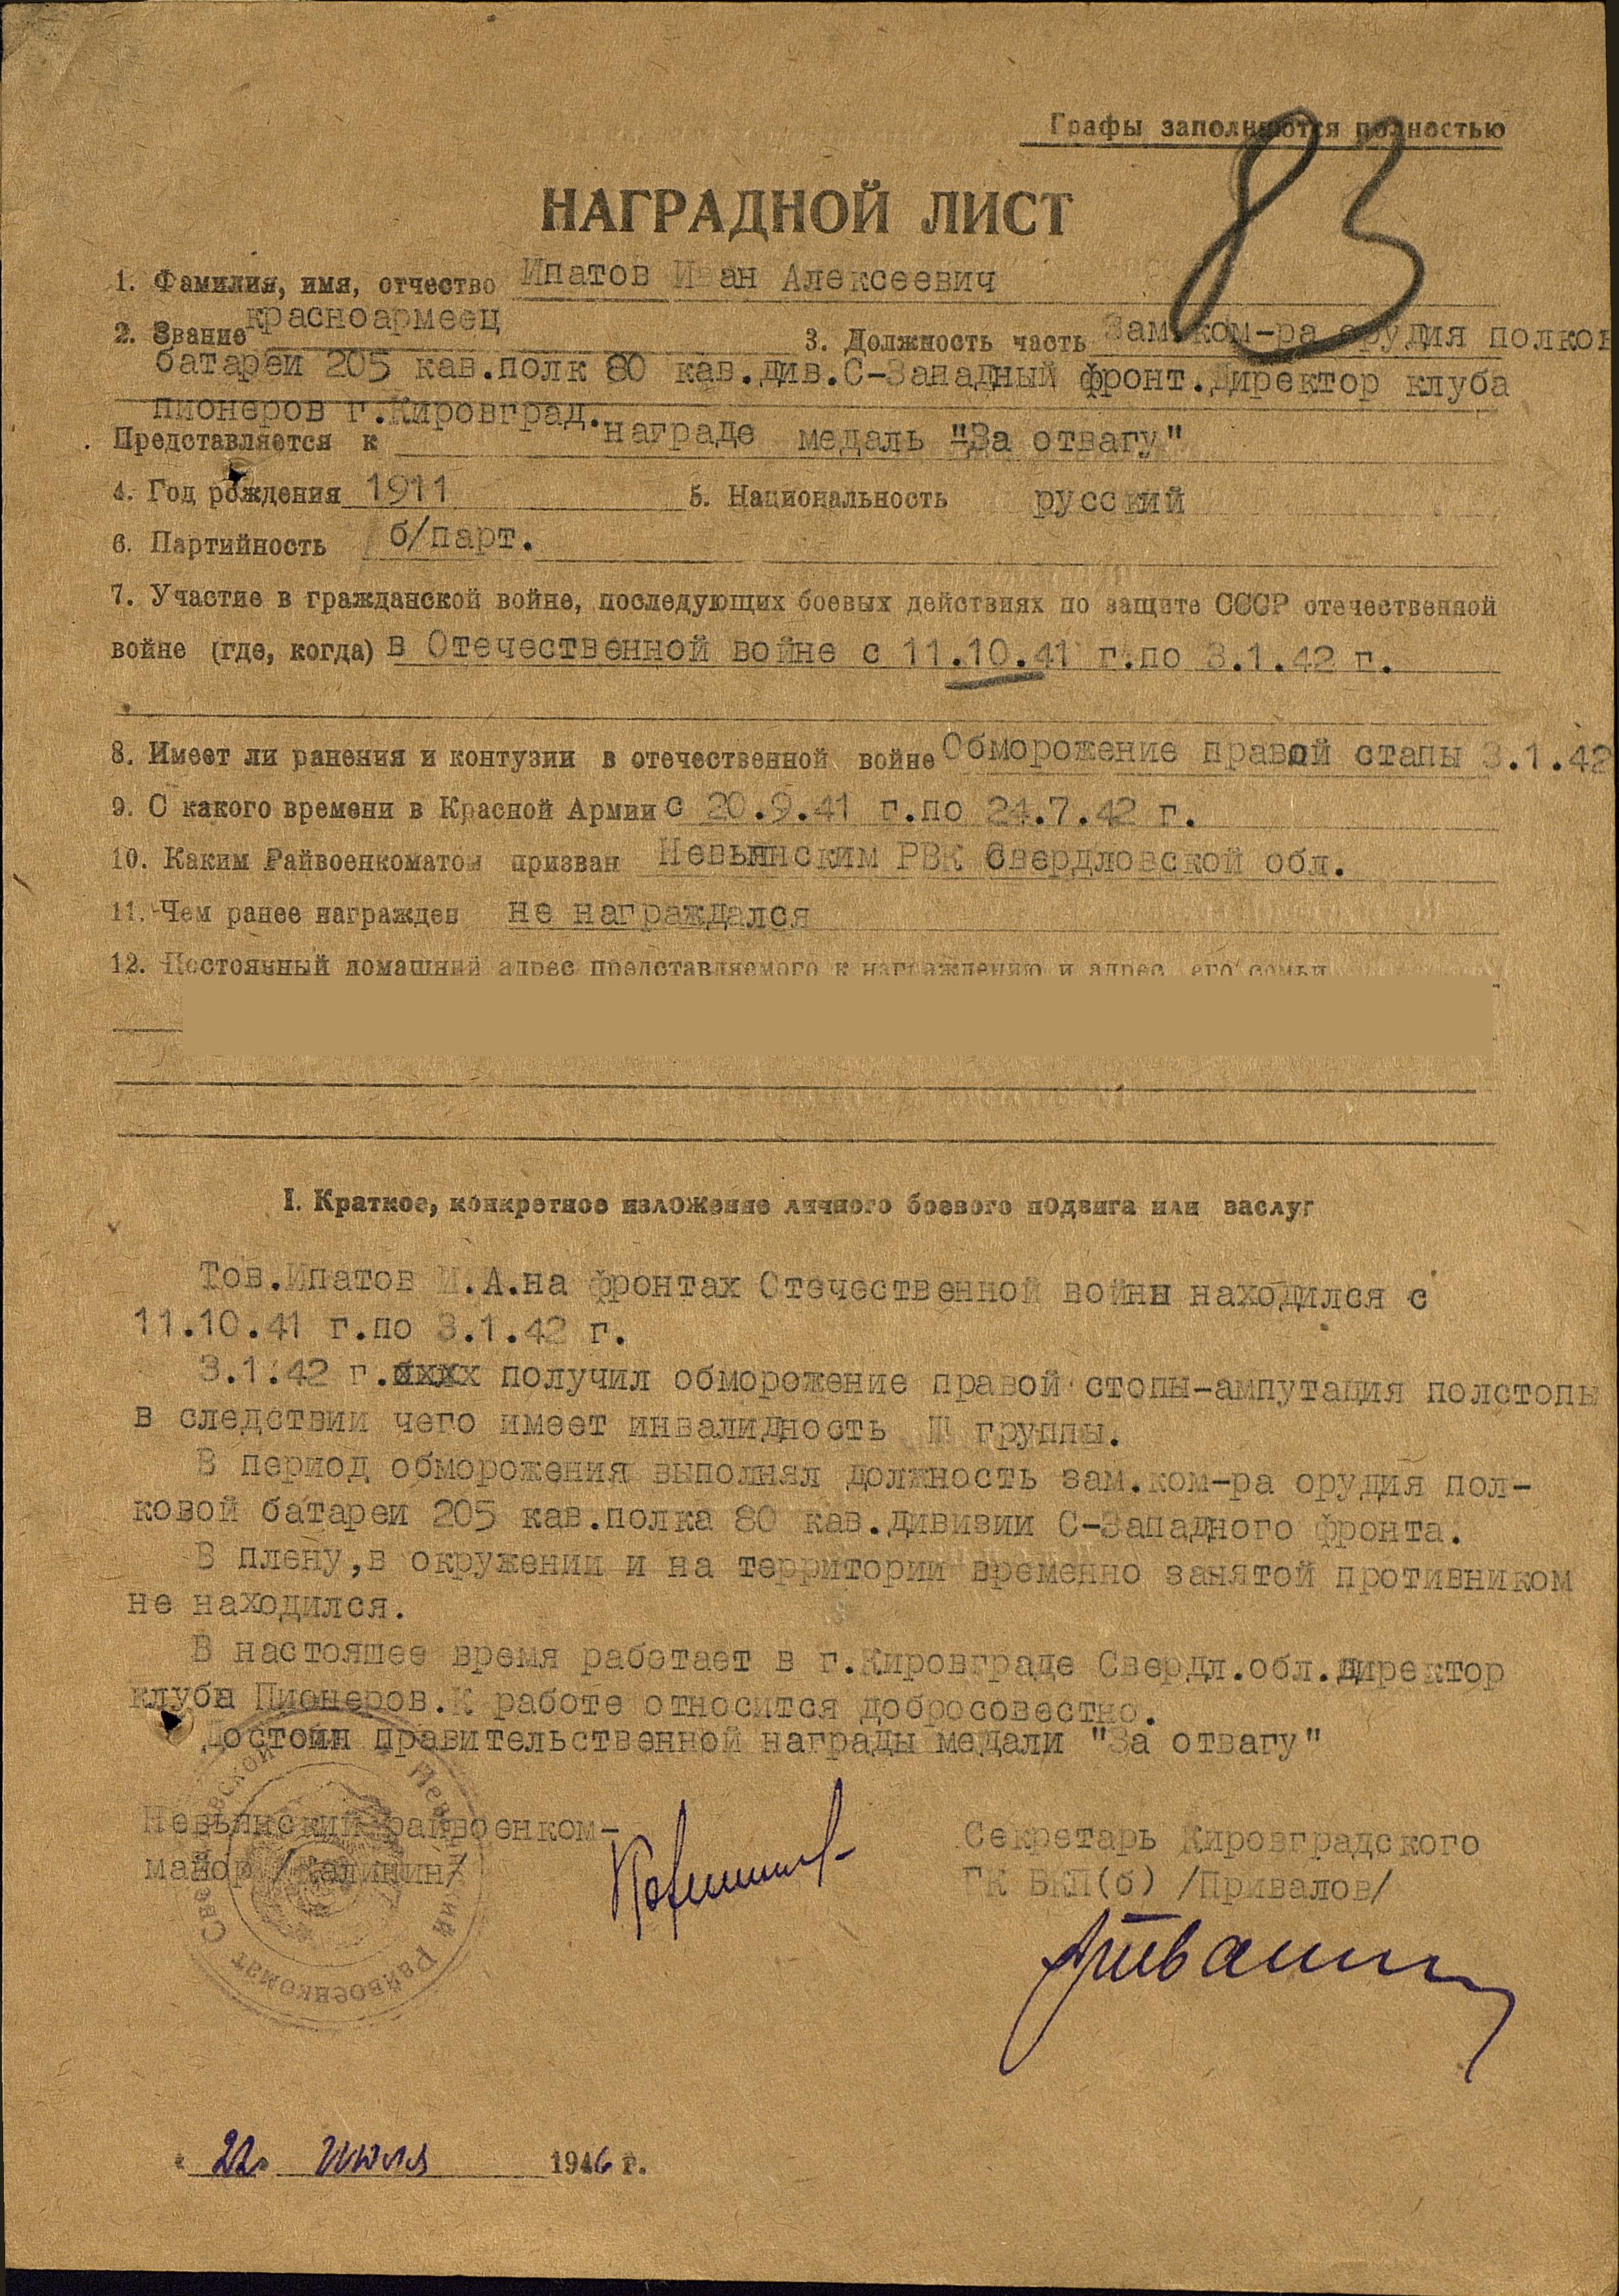 Приказ о награждении старшего сержанта Телегина Алексея Алексеева медалью за Отвагу